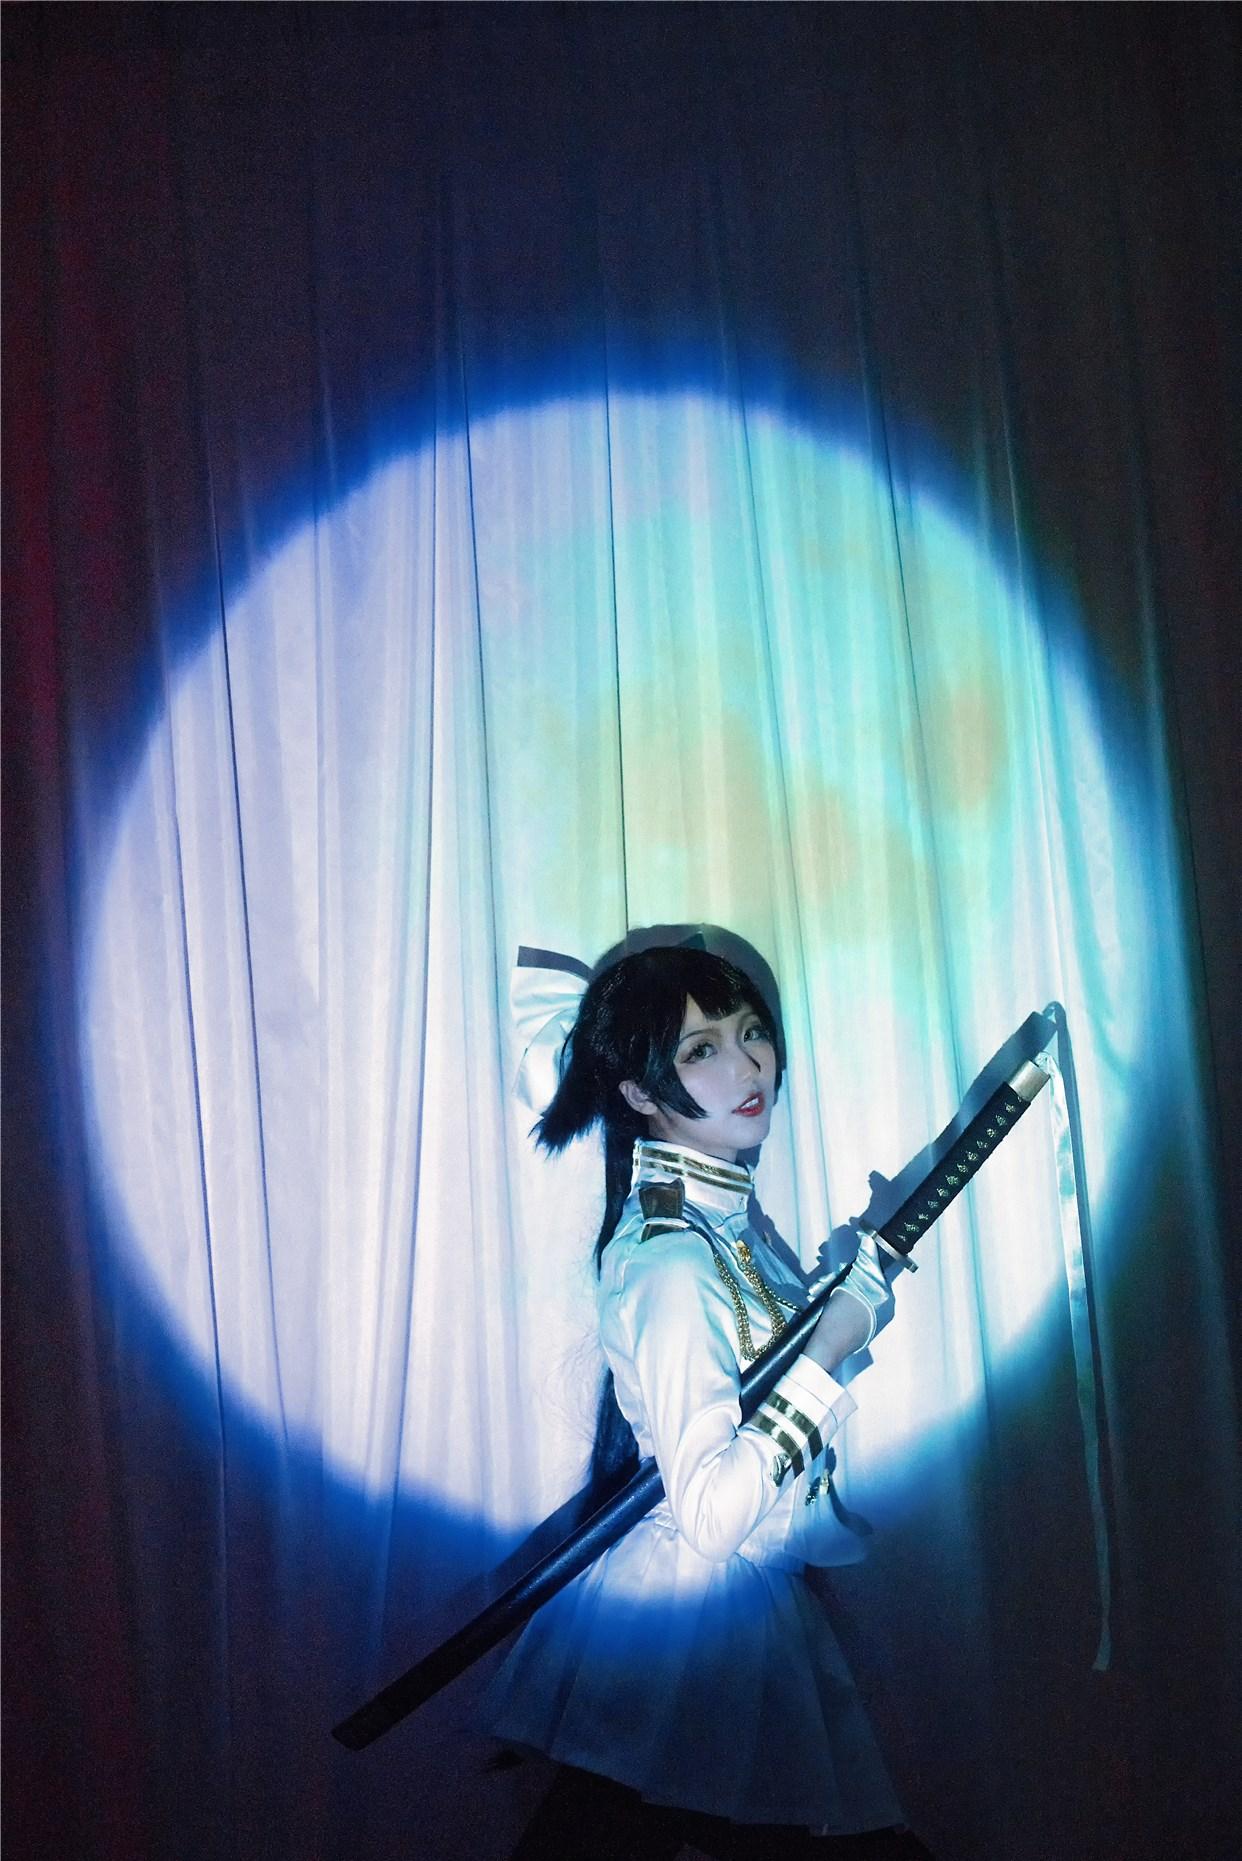 【兔玩映画】碧蓝航线 高雄 獒 兔玩映画 第37张